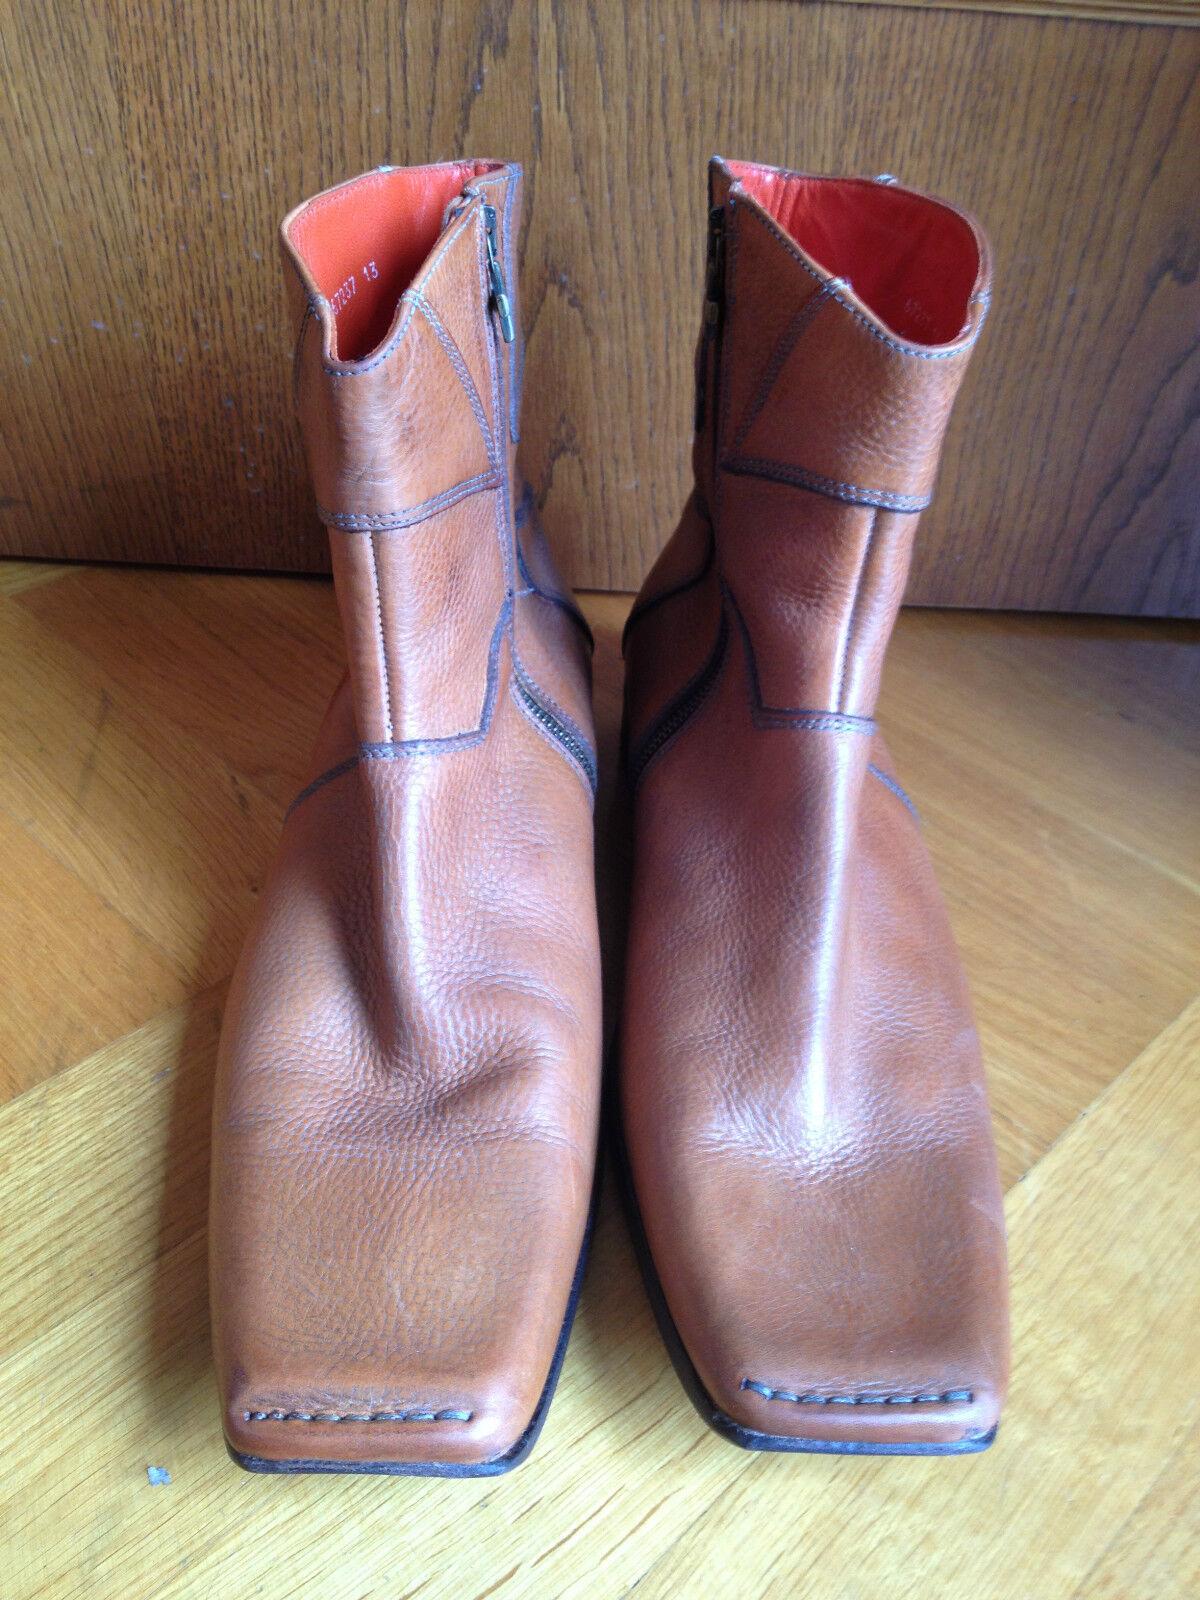 MARK NASON BRAUN BROWN ANKLE Stiefel HALBSTIEFEL US 13 EUR 46 UK 12